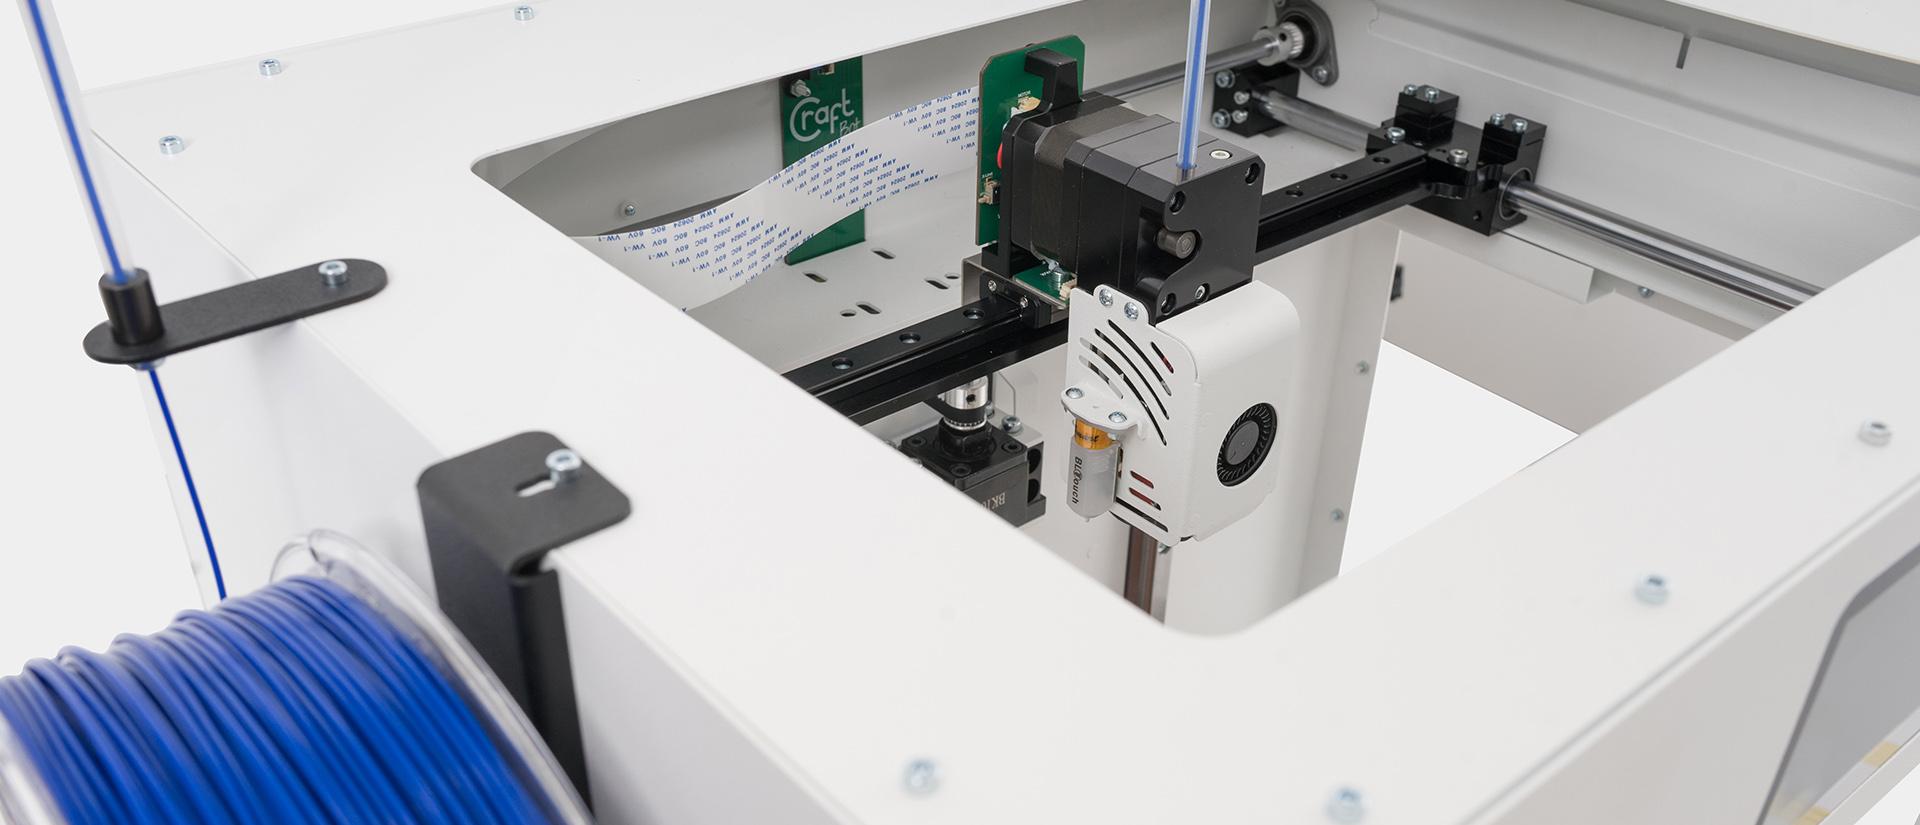 Inside the single extruder CraftBot Flow 3D printer. Photo via CraftUnique.